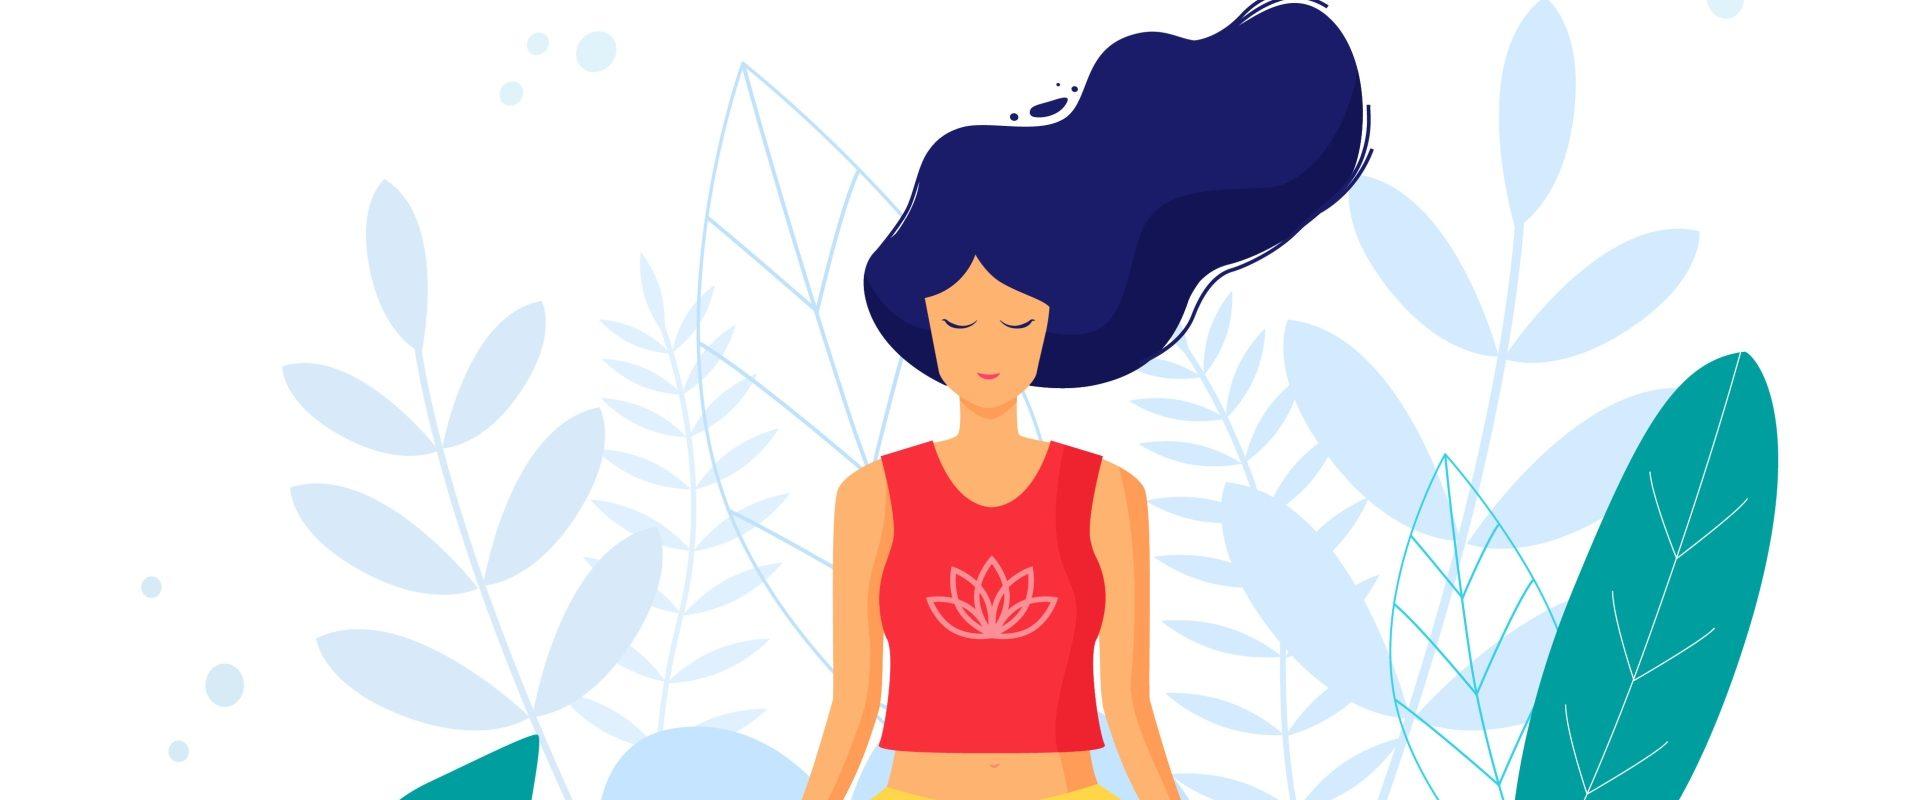 Techniki oddechowe - jak oddychać, aby rozładować stres i napięcie opowiada Agnieszka Górecka, coach oddechem i terapeutka. Ilustracja przedstawiająca medytującą kobietę w otoczeniu zieleni - koncept medytacji i technik oddychania.